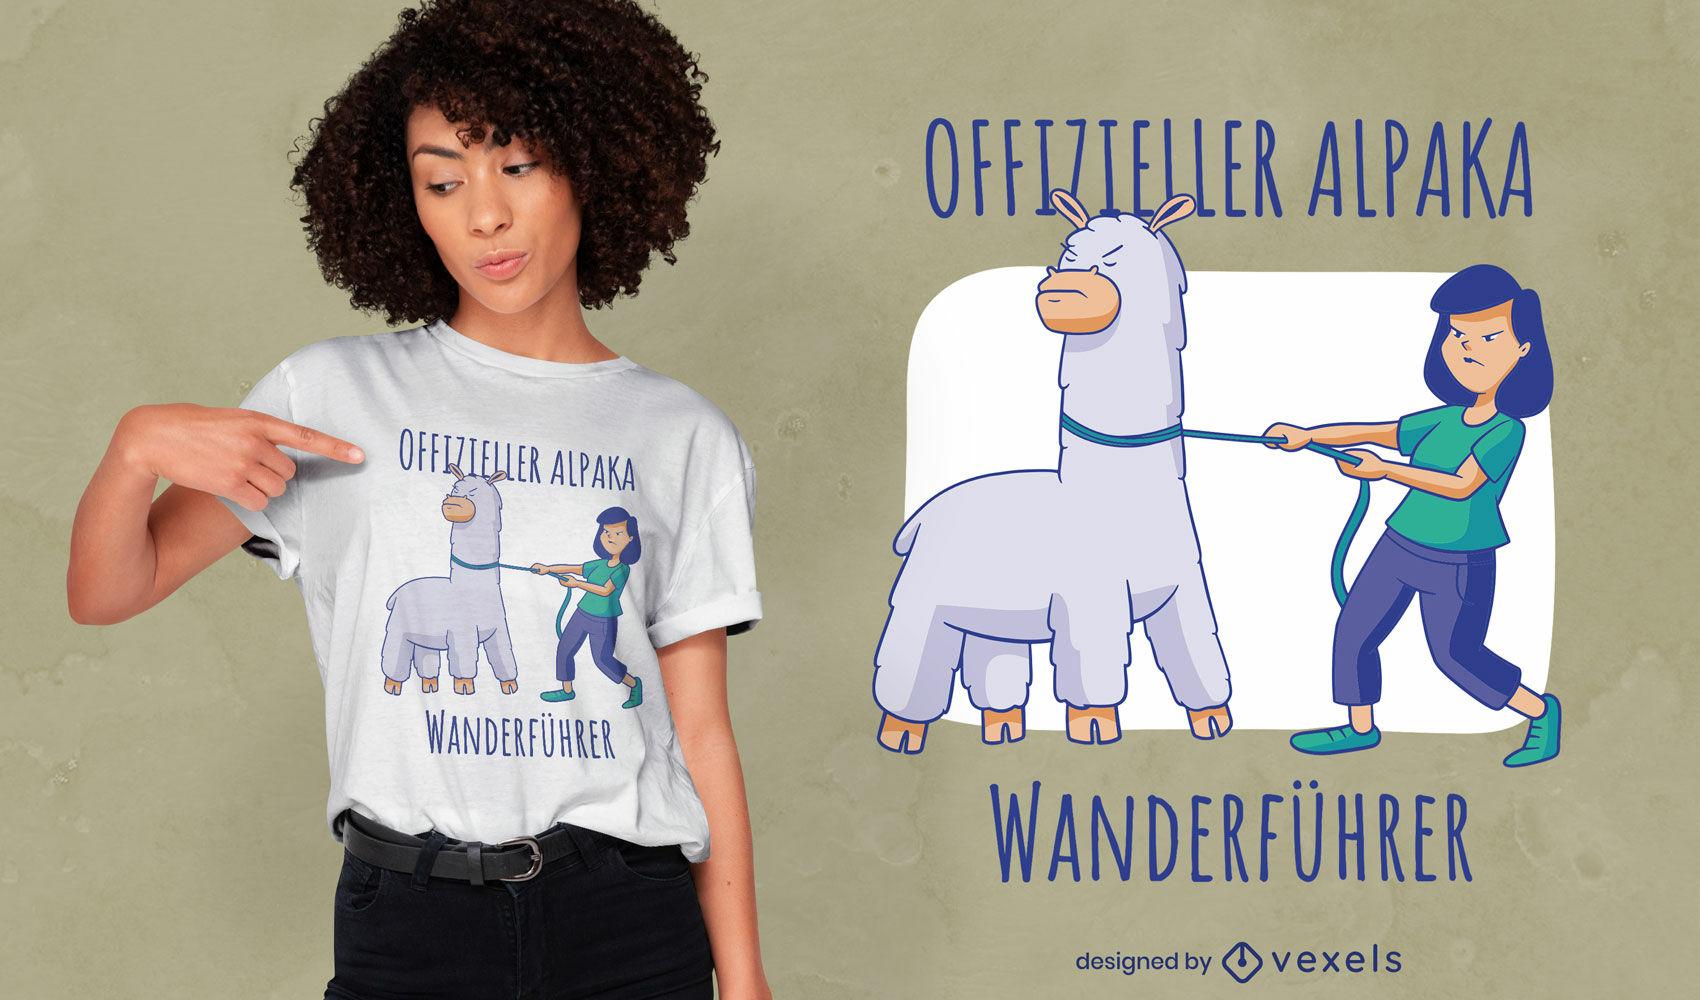 Gezähmtes Alpaka deutsches Zitat T-Shirt Design